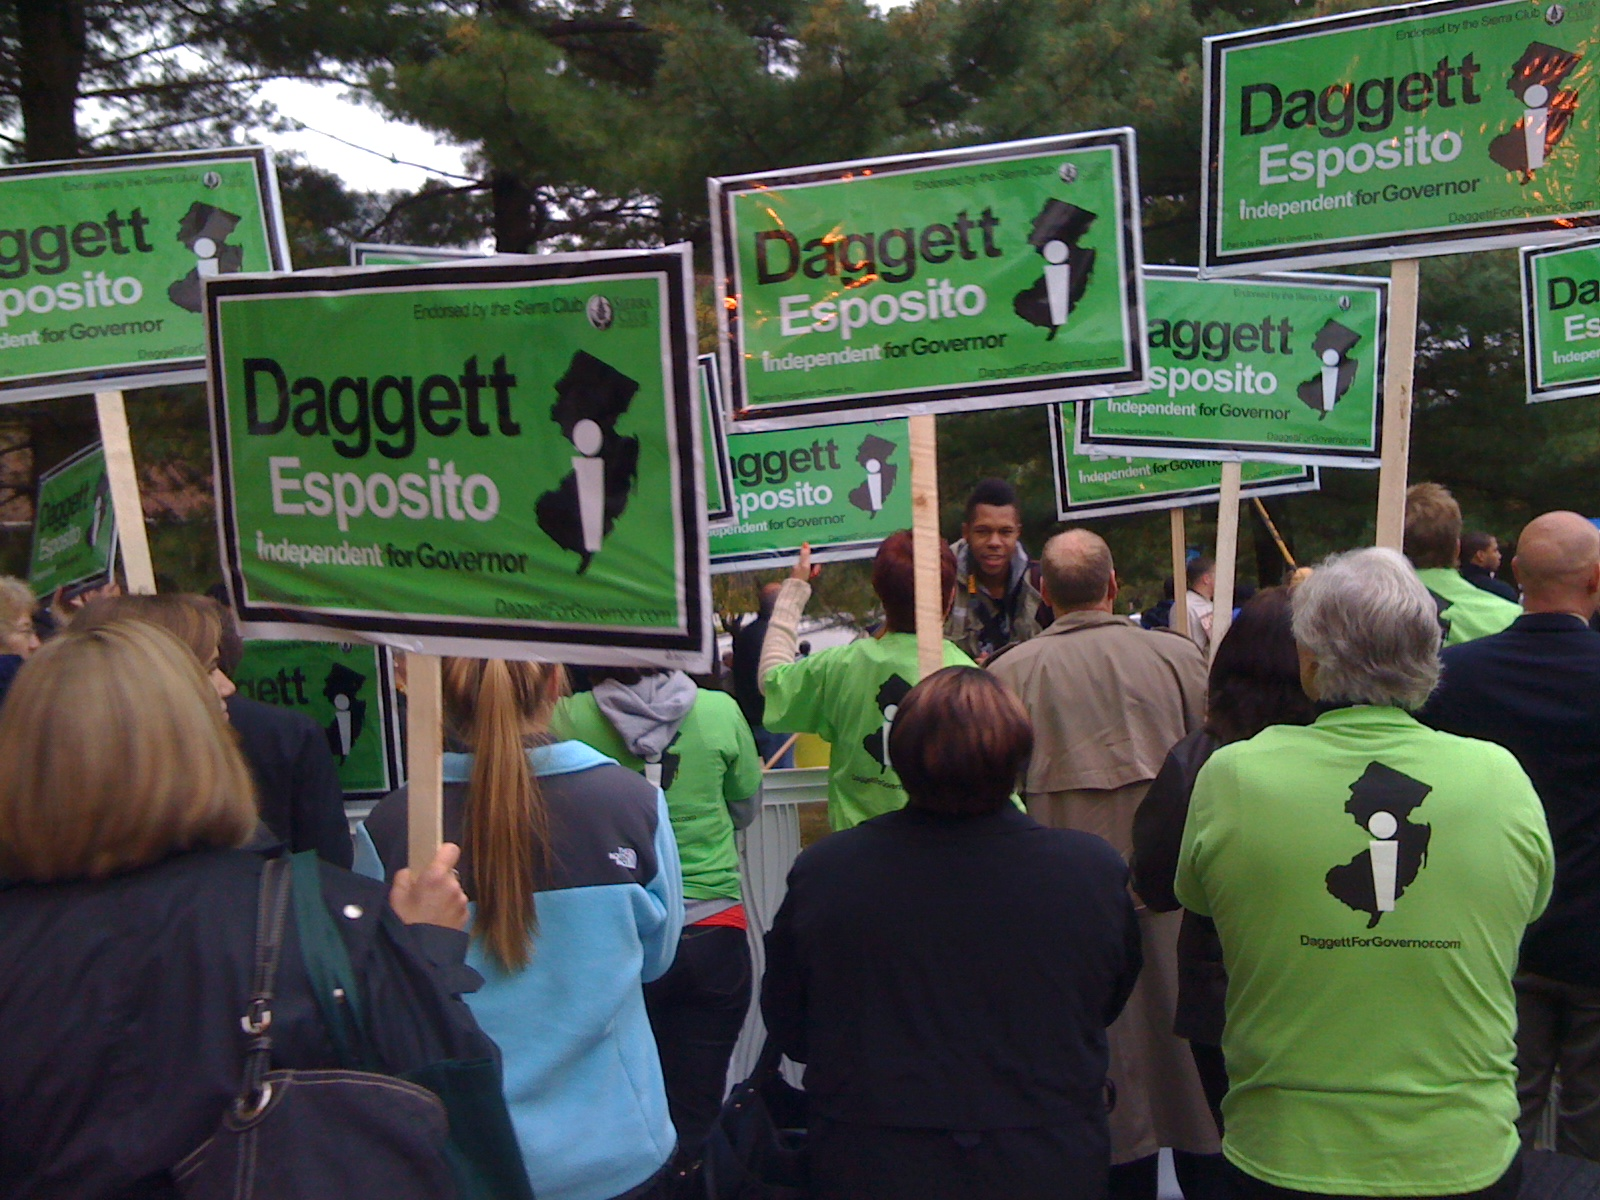 Daggett's Sea of Green